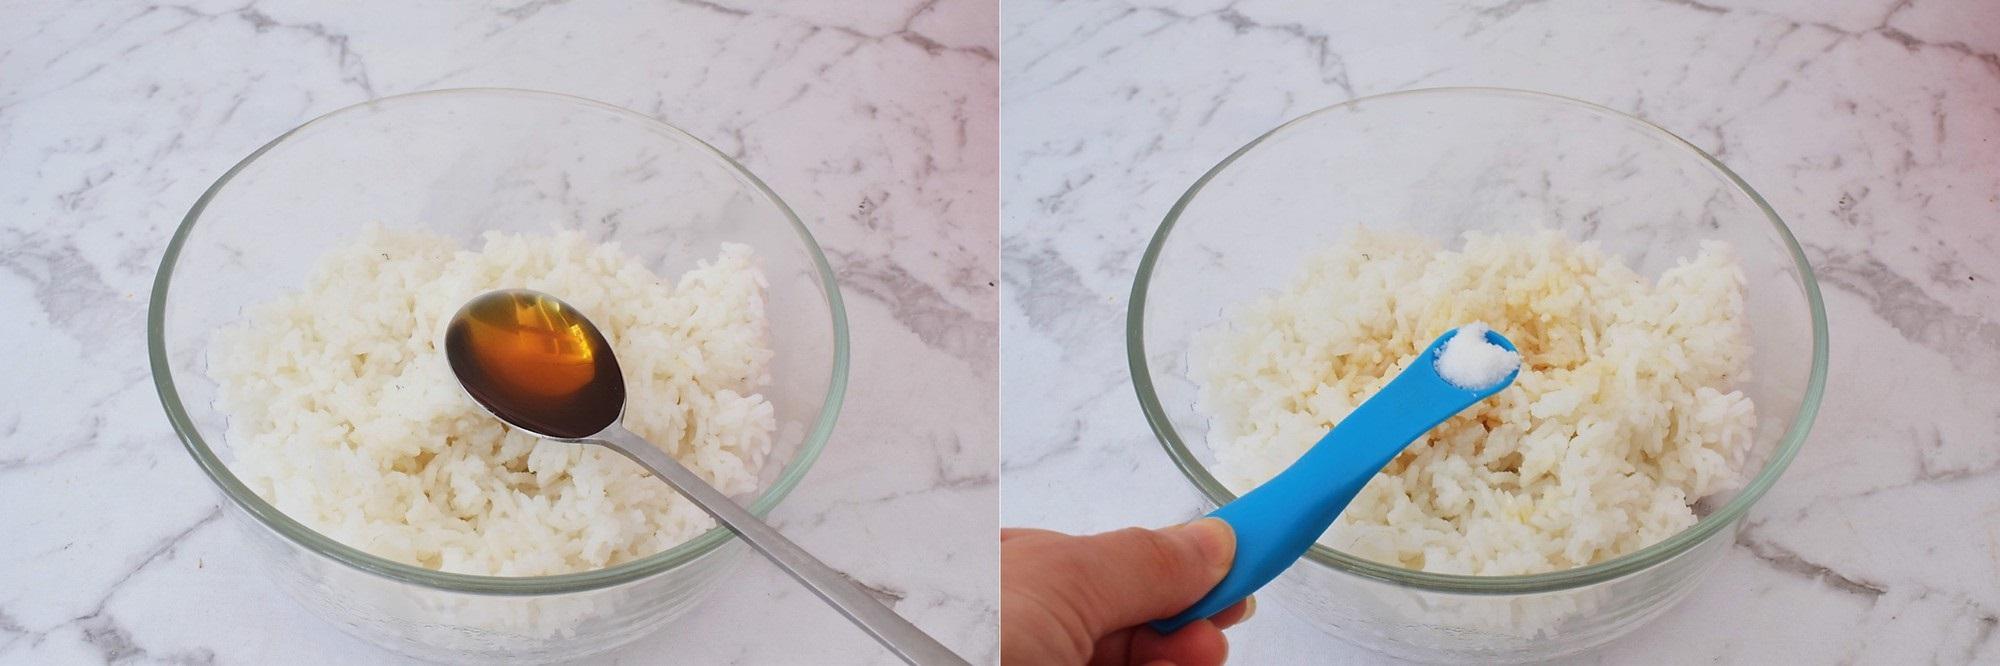 Món cơm cuộn chỉ cần thêm chút xíu nguyên liệu này thì vị ngon sẽ nhân lên gấp nhiều lần! - Ảnh 1